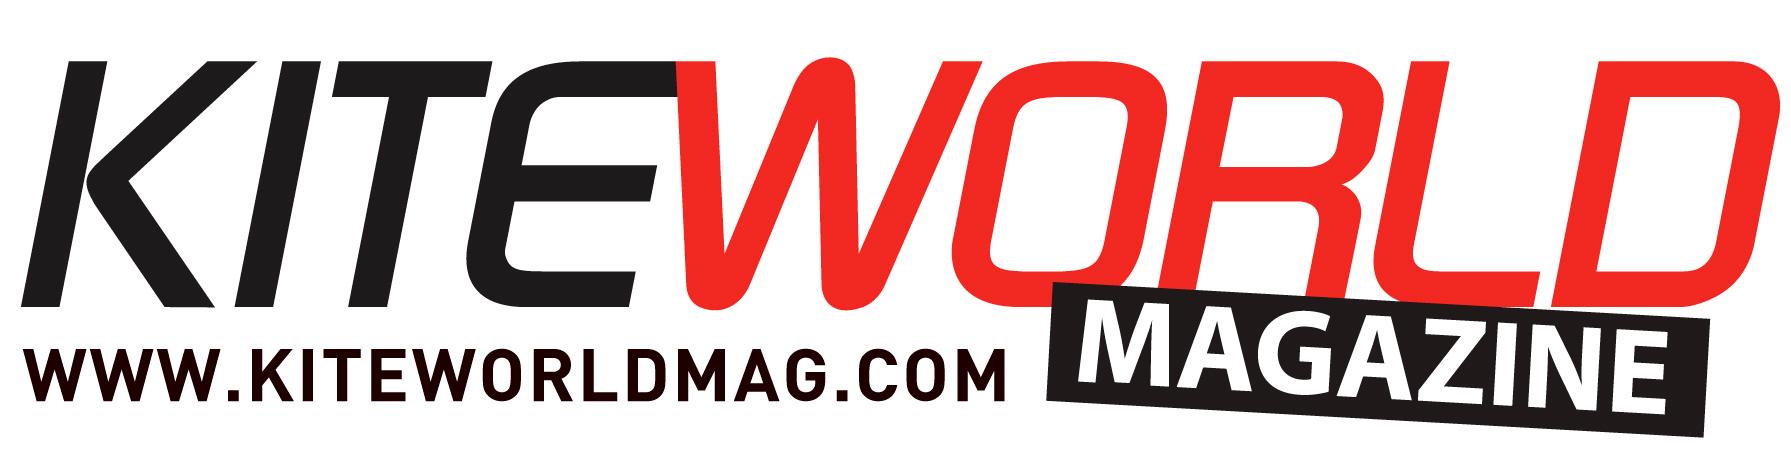 10-featuredin-kw-mag-white-bg